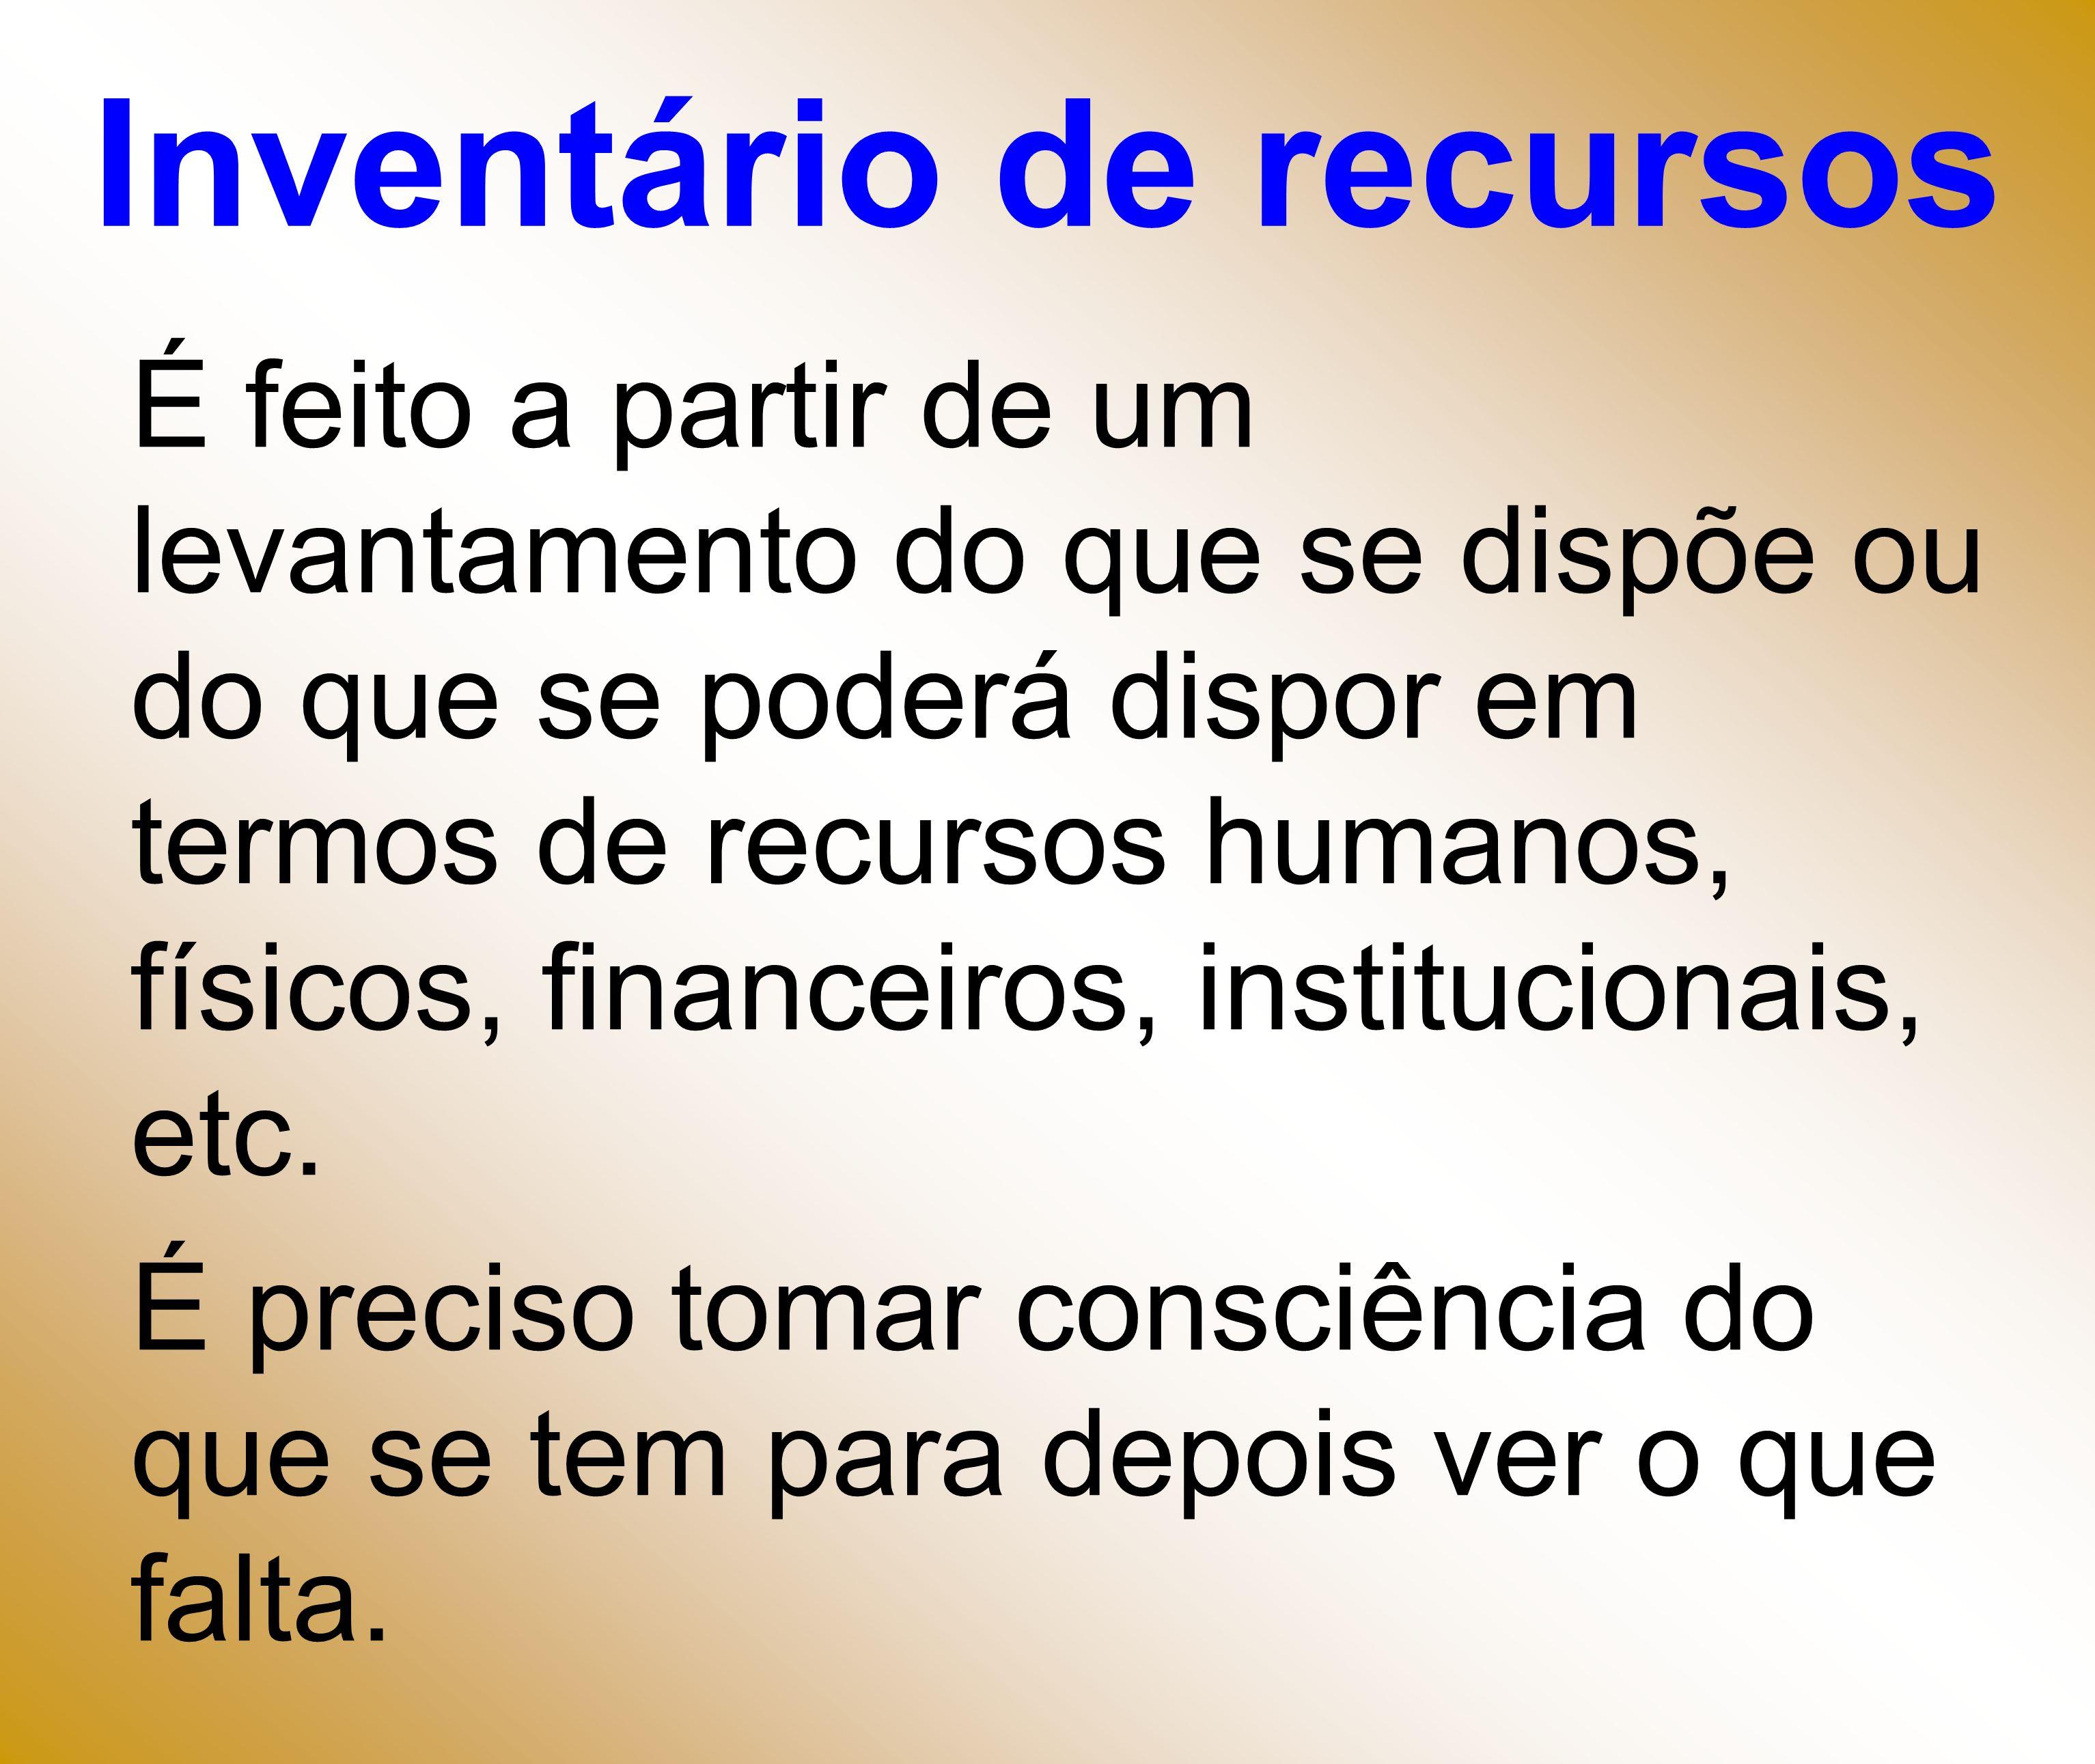 Inventário de recursos É feito a partir de um levantamento do que se dispõe ou do que se poderá dispor em termos de recursos humanos, físicos, finance